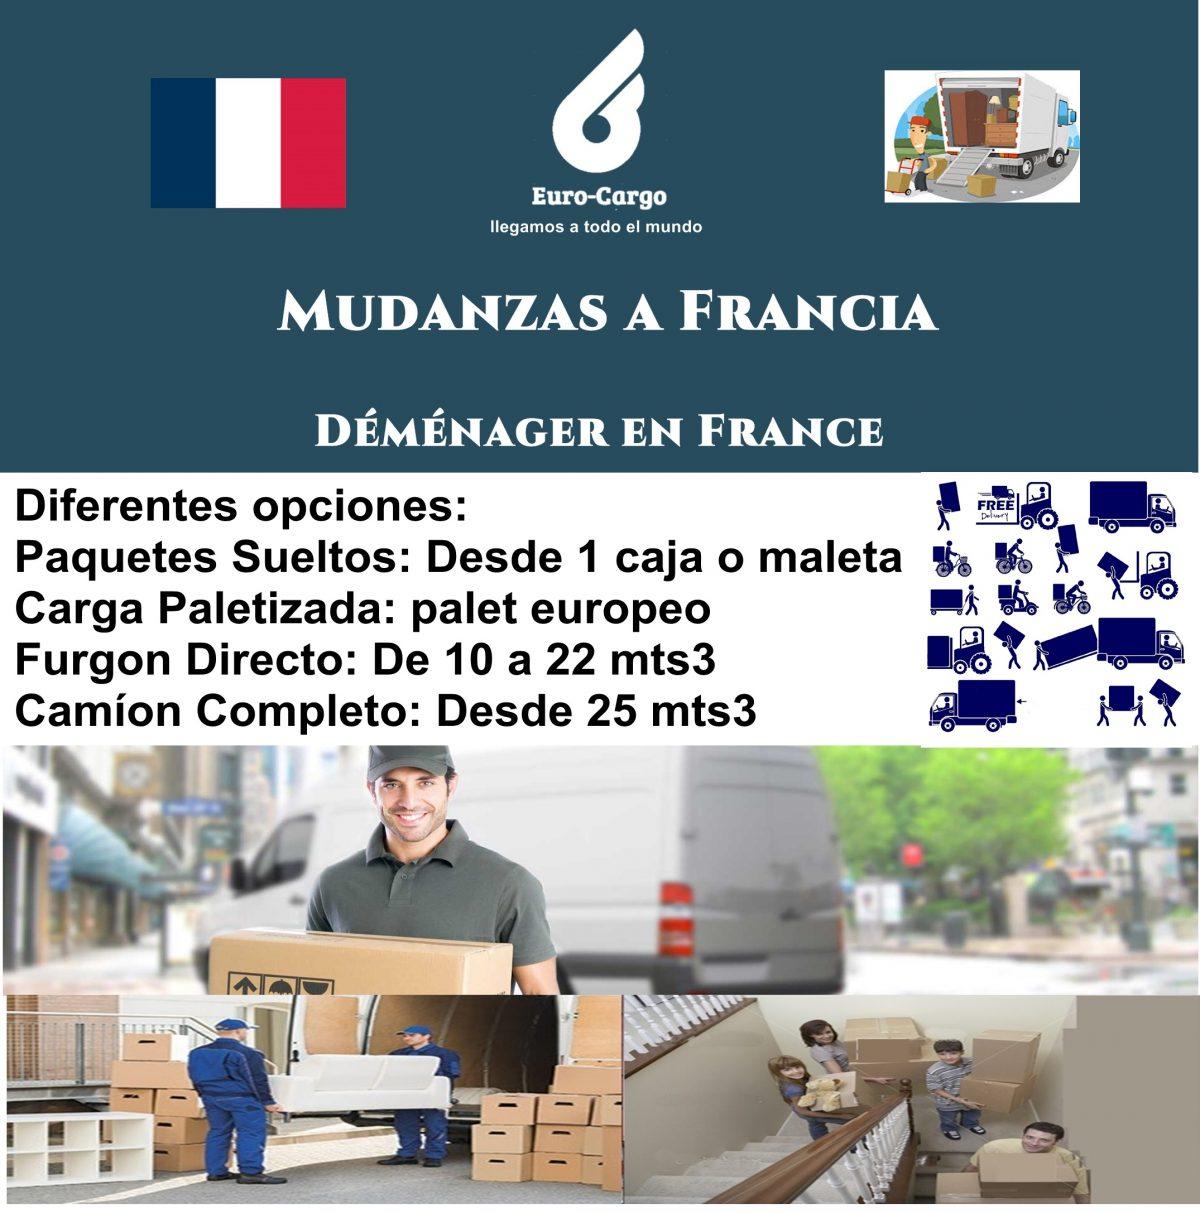 Mudazas-a-Francia-1200x1213.jpg